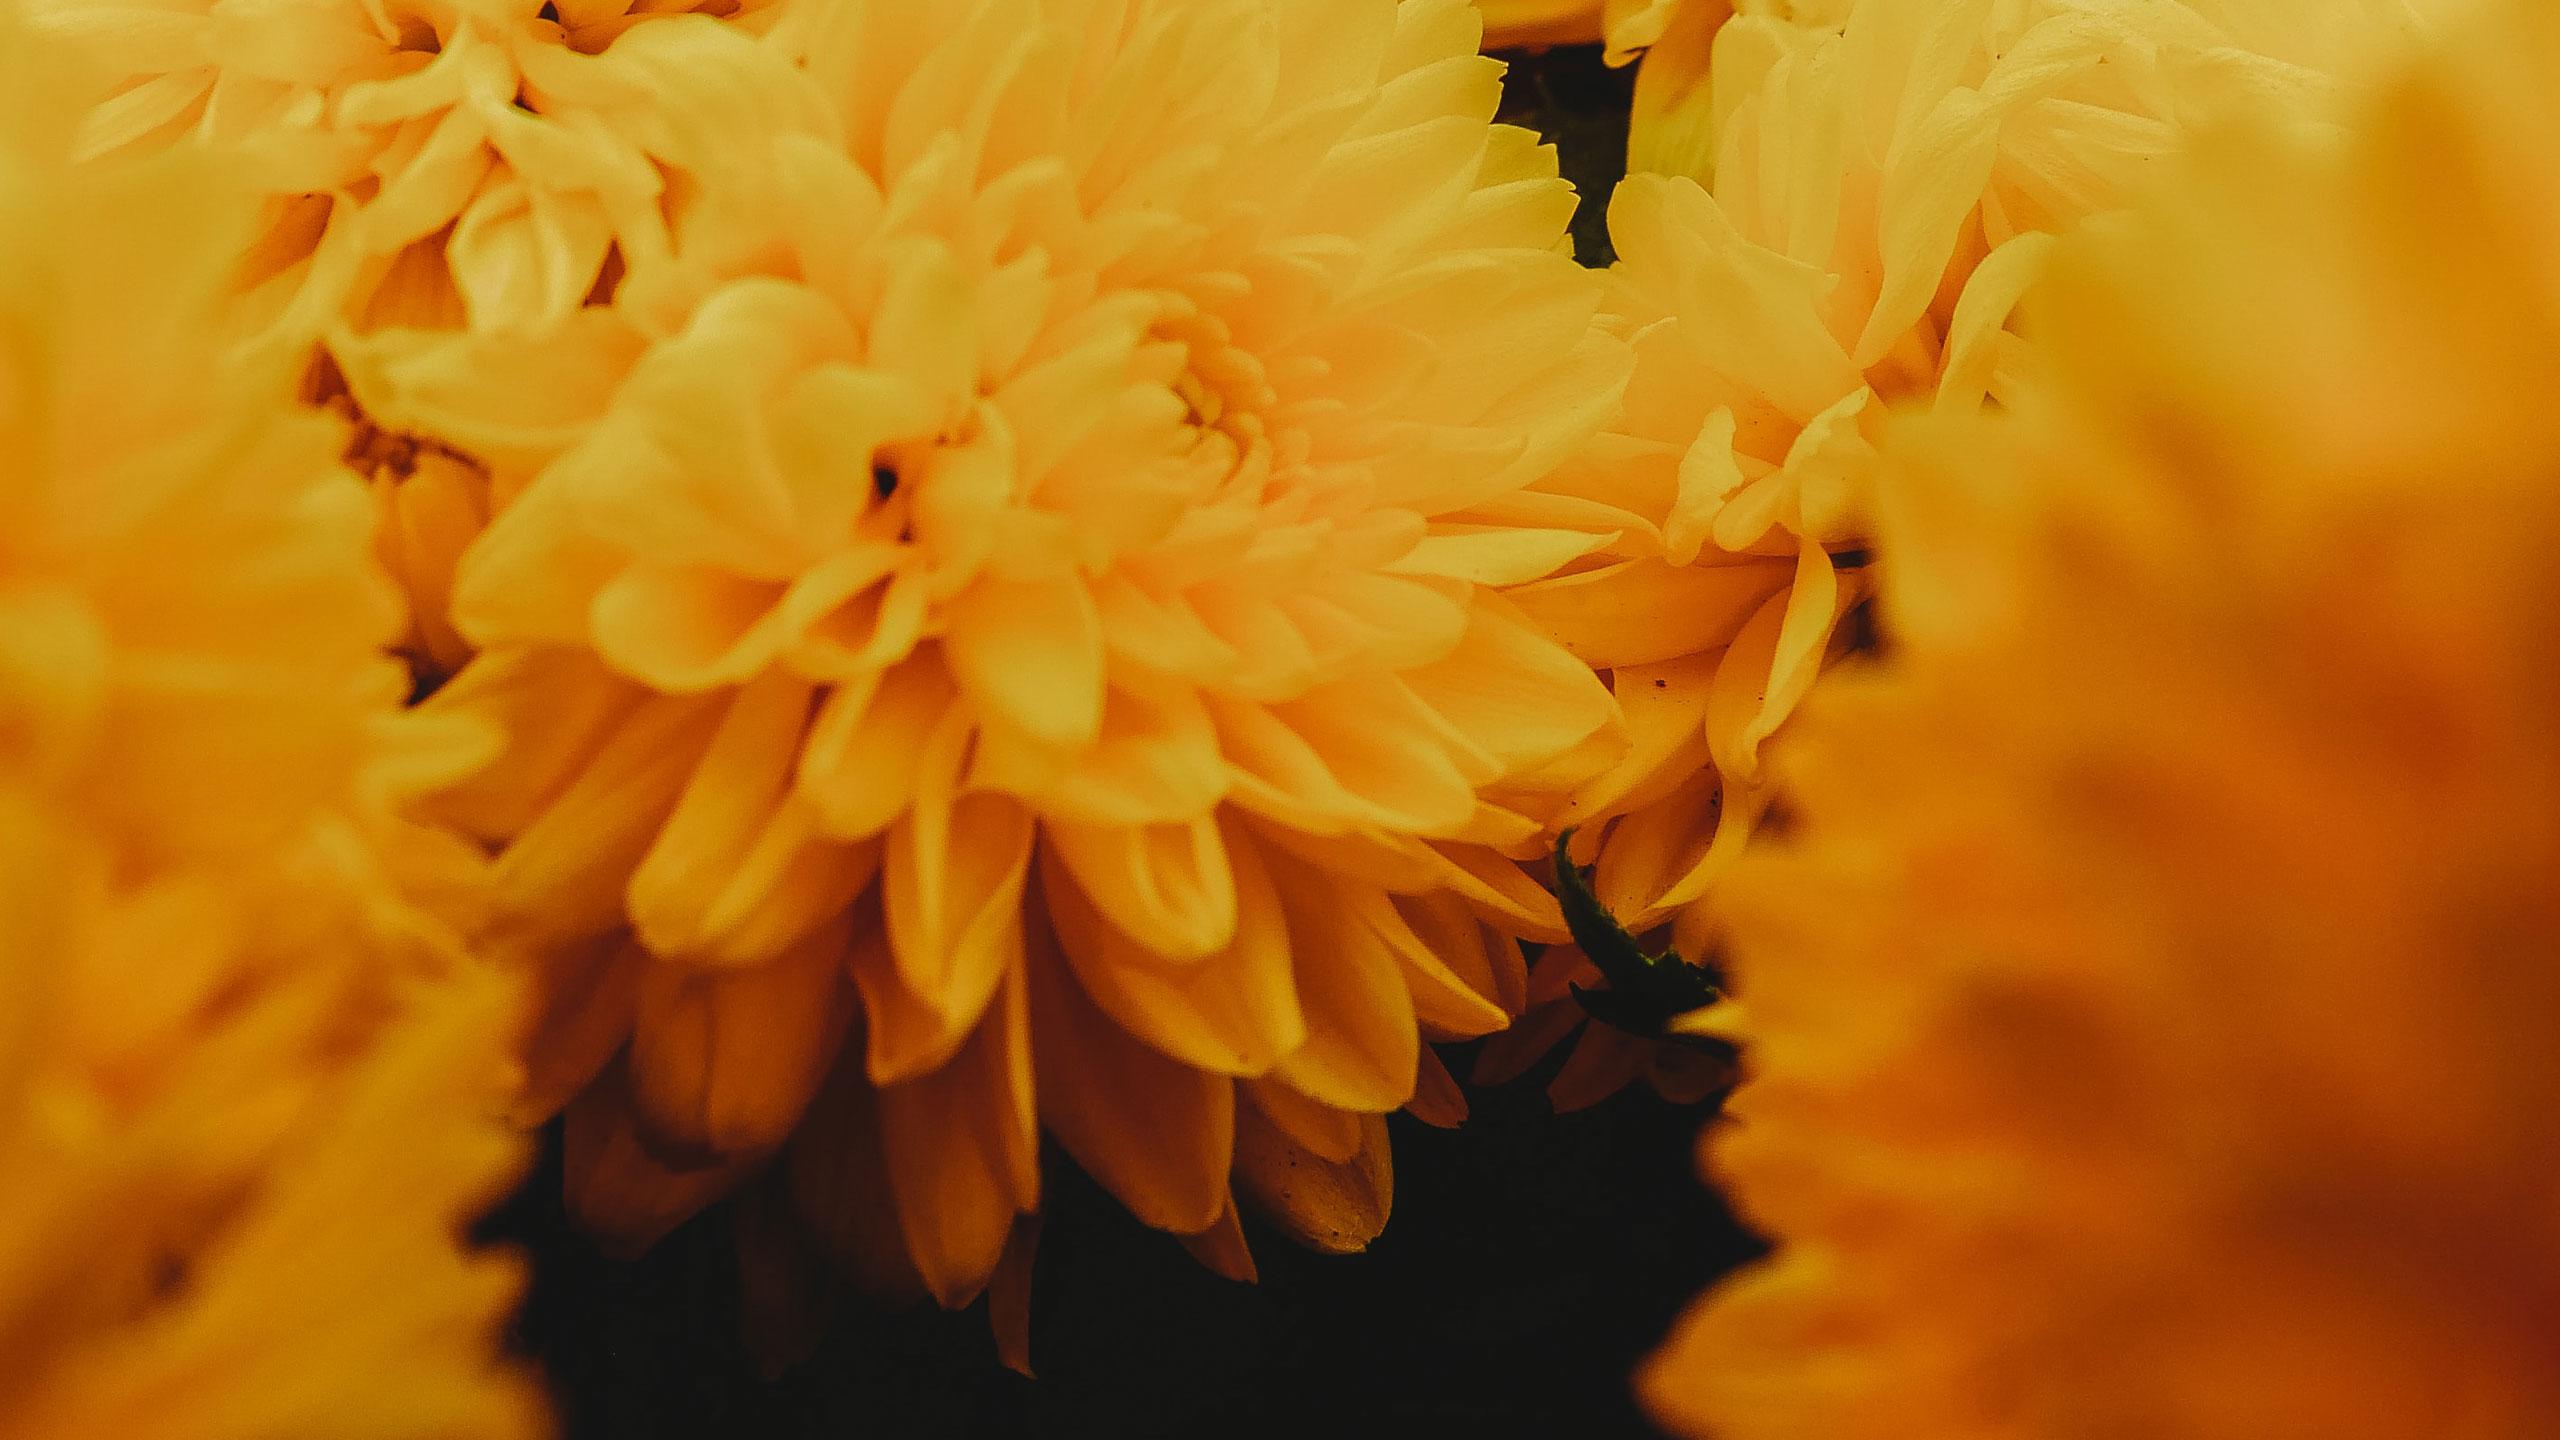 flor-de-cempasuchil